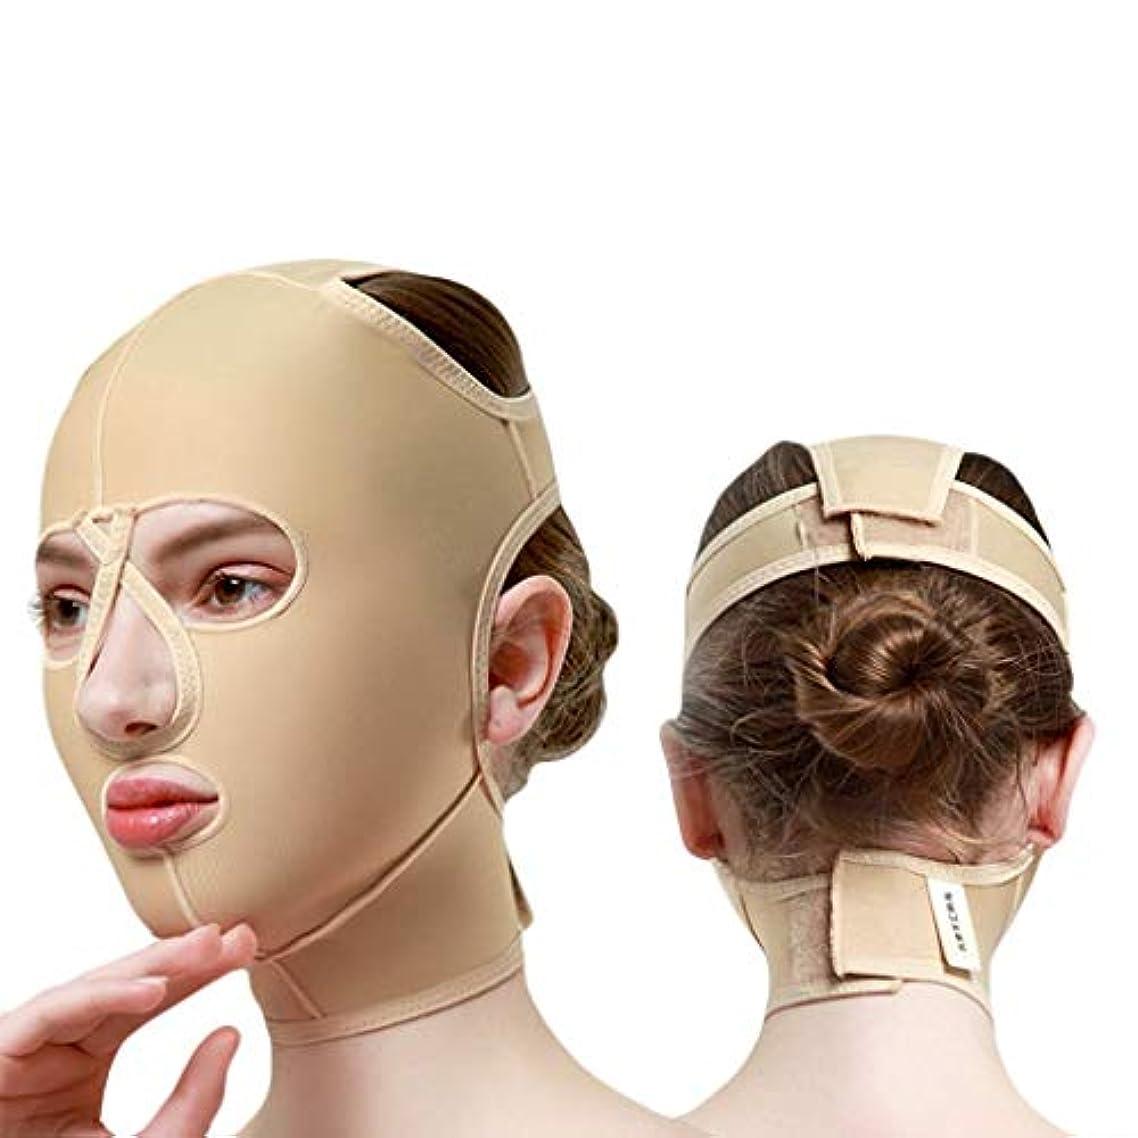 コレクション思い出させる抽象チンストラップ、顔彫りツール、リフティングマスク、ダブルチンリデューサー、フェイスリフティングエラスティックマスクメス(サイズ:M),M